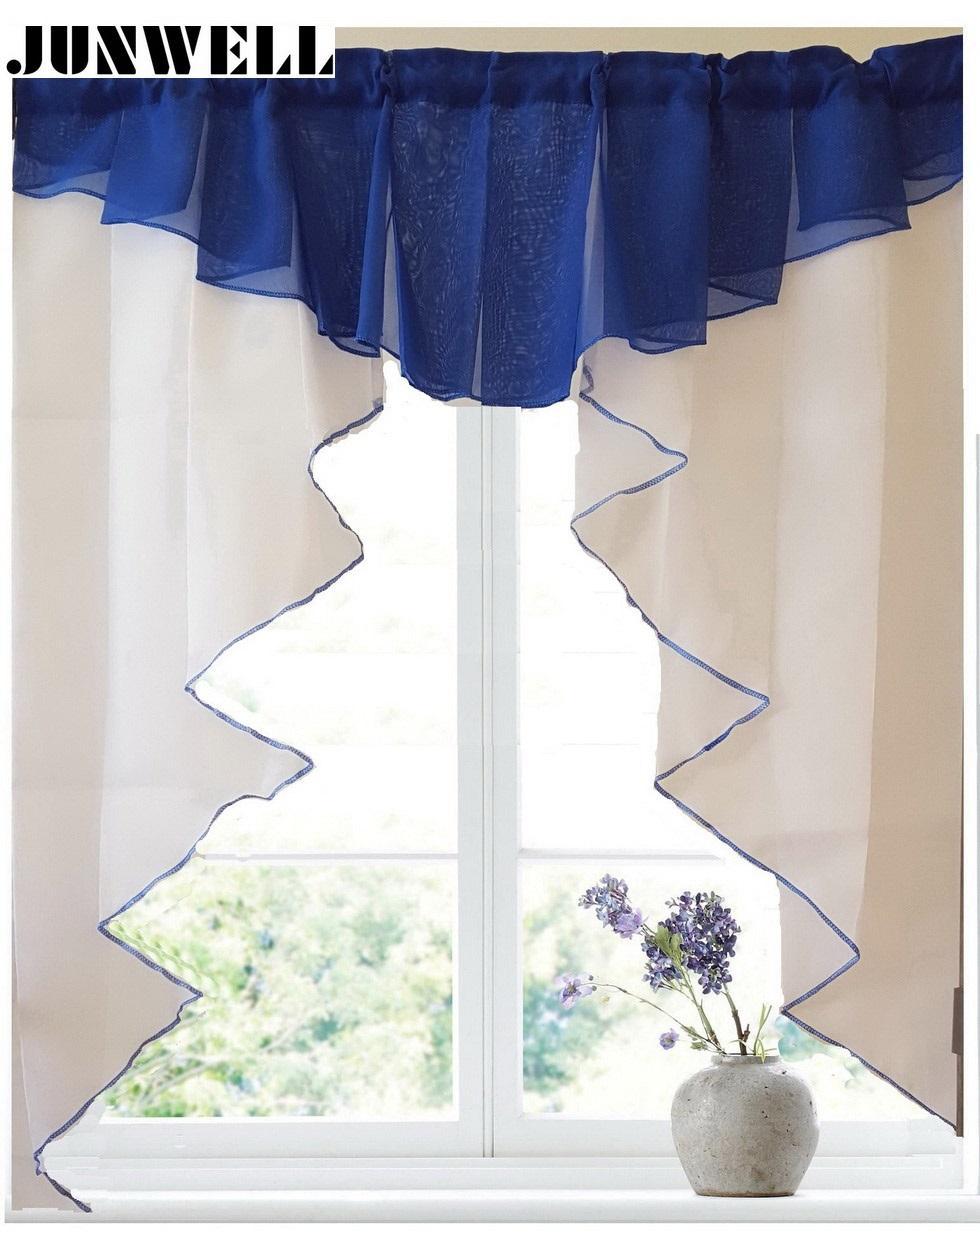 11 Colores Moda Plisada Cortina Romana Diseño Costura Colores Tulle Balcón  Cocina Cortina Ventana Persiana 1 unid